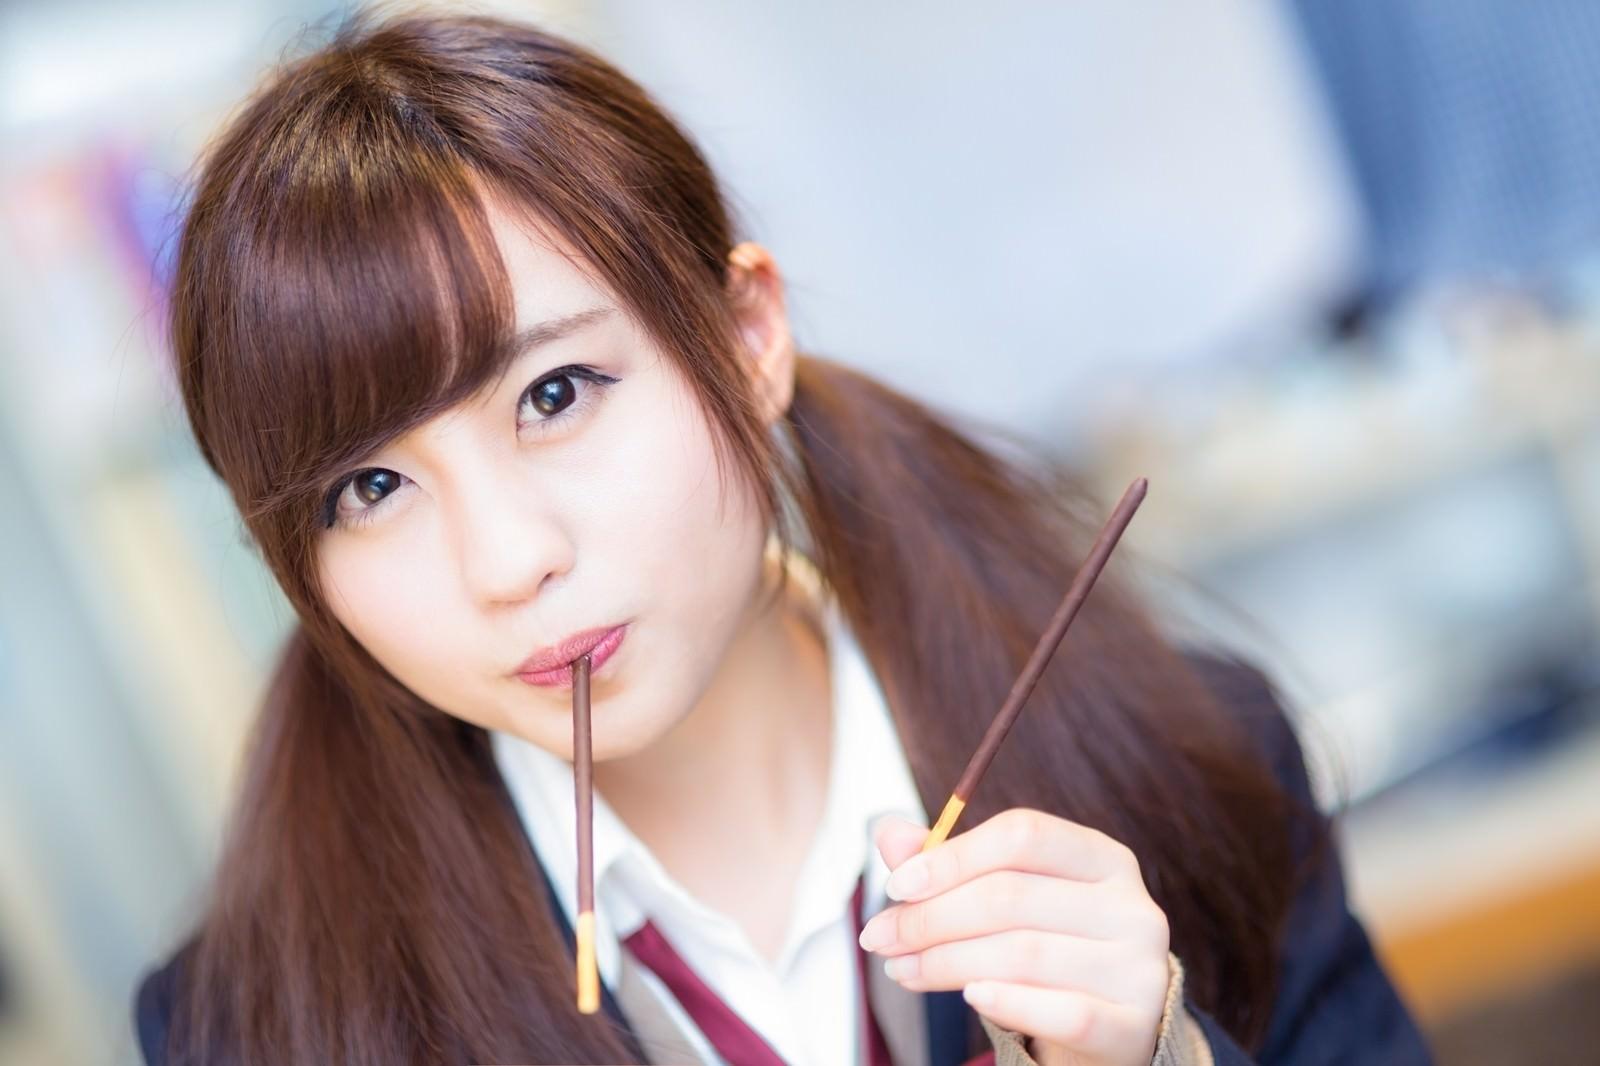 「「どっちが食べたい?」と僕をからかう女子高生の彼女」の写真[モデル:河村友歌]